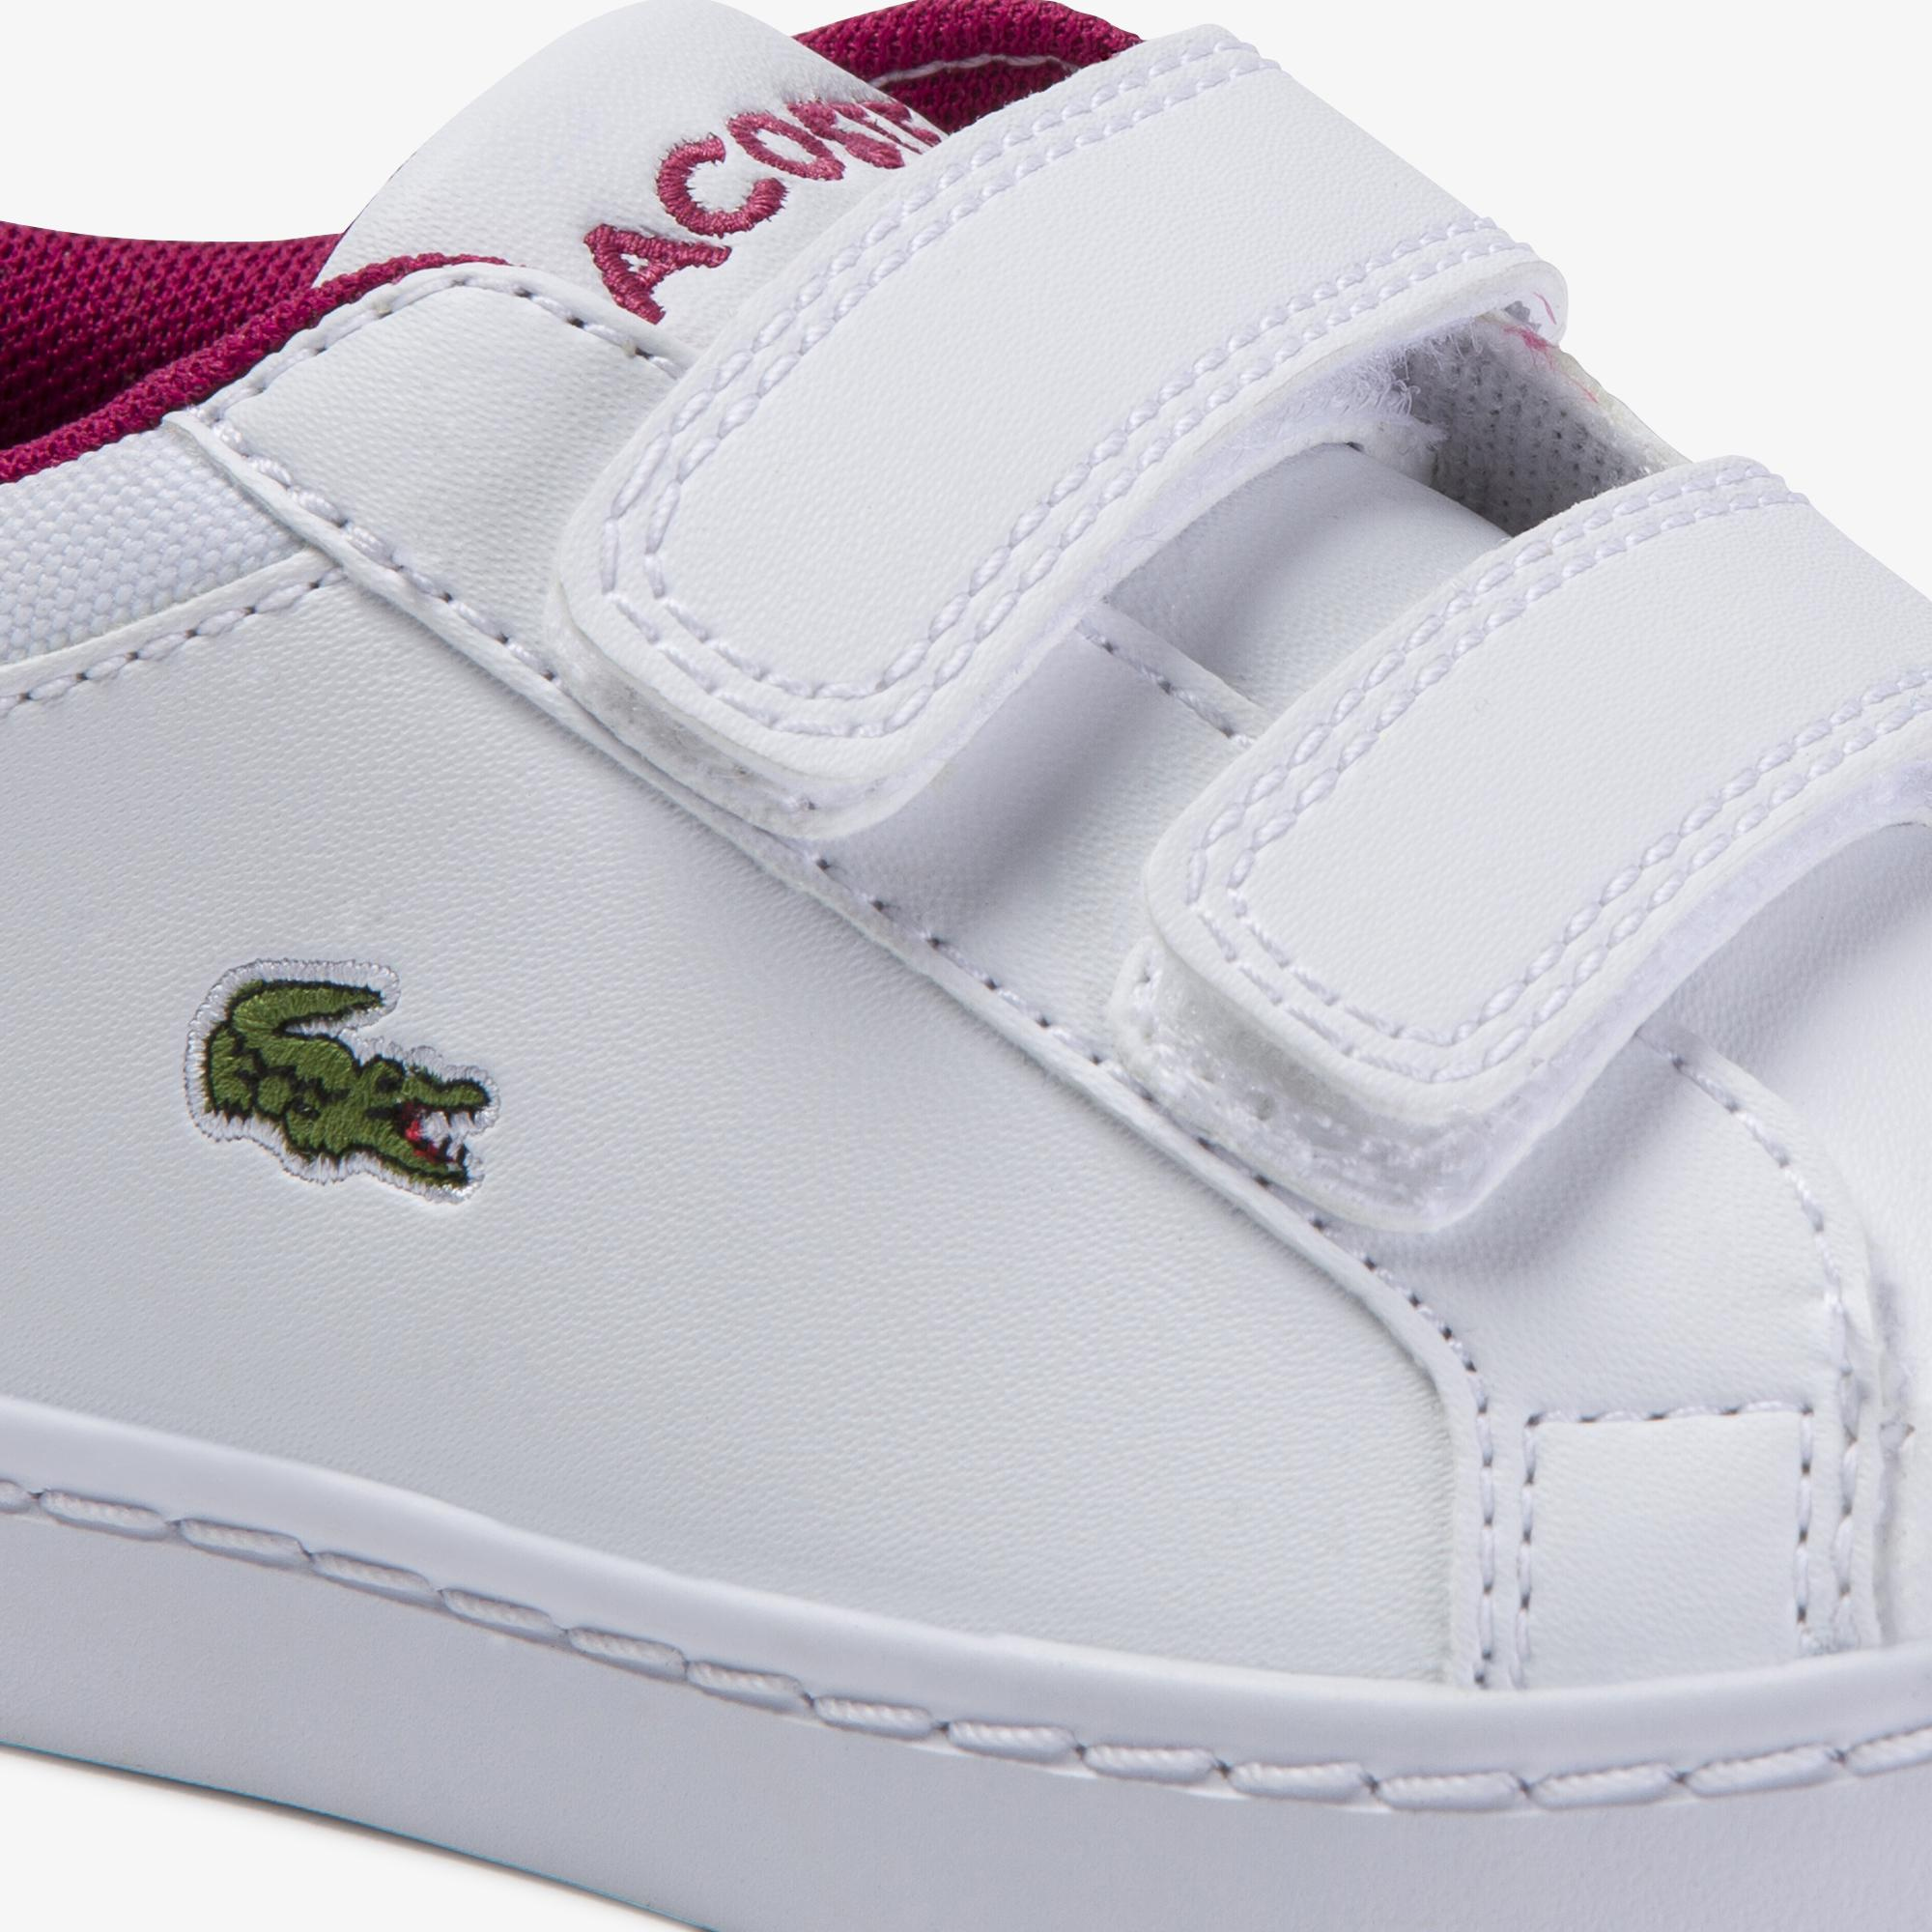 Lacoste Straightset 120 1 Cui Çocuk Beyaz - Koyu Pembe Sneaker